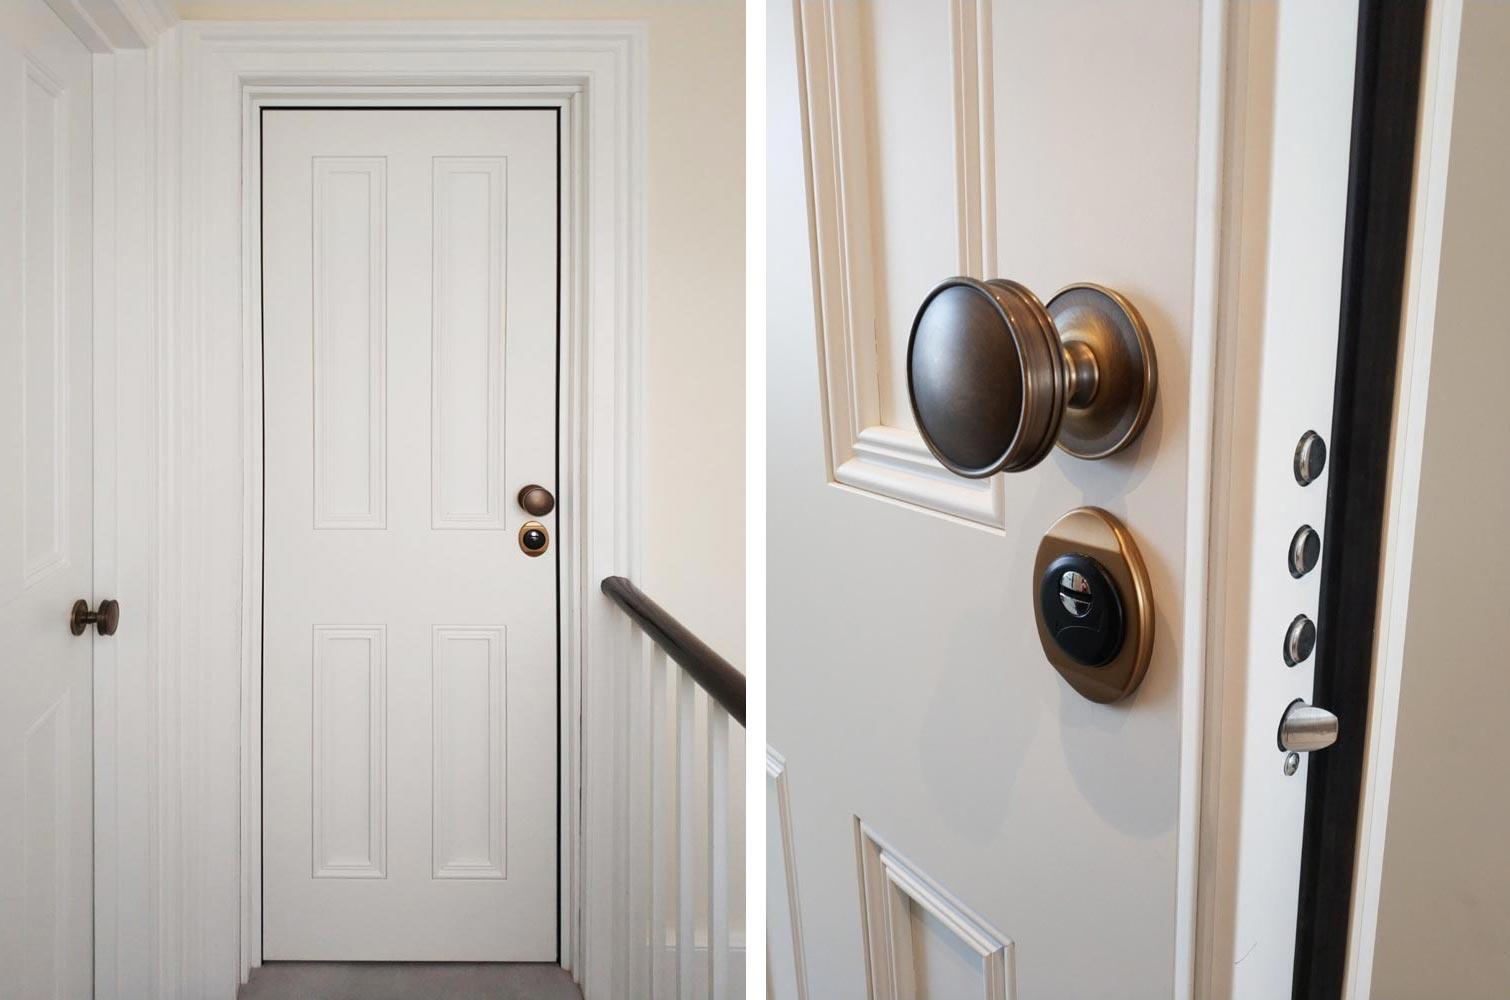 KSDW Fire Rated Security Door case study